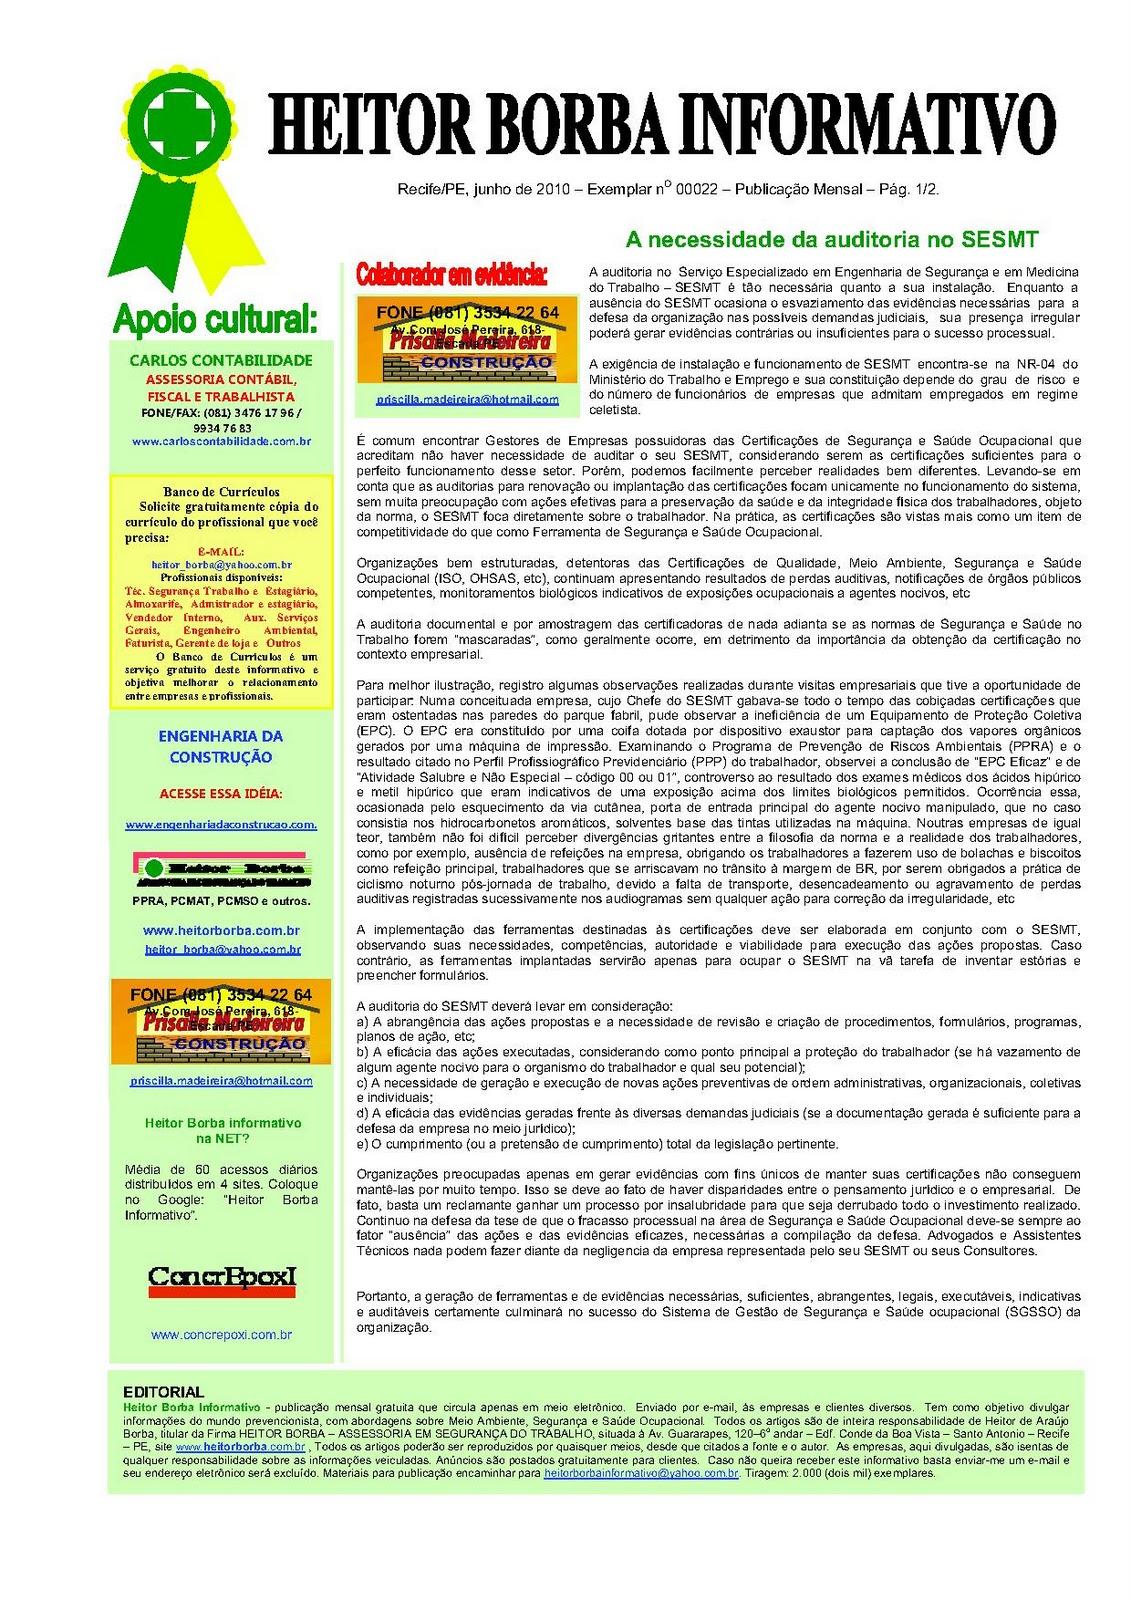 e1b9614fdcc10 HEITOR BORBA INFORMATIVO: HEITOR BORBA INFORMATIVO N 0022 JUNHO 2010